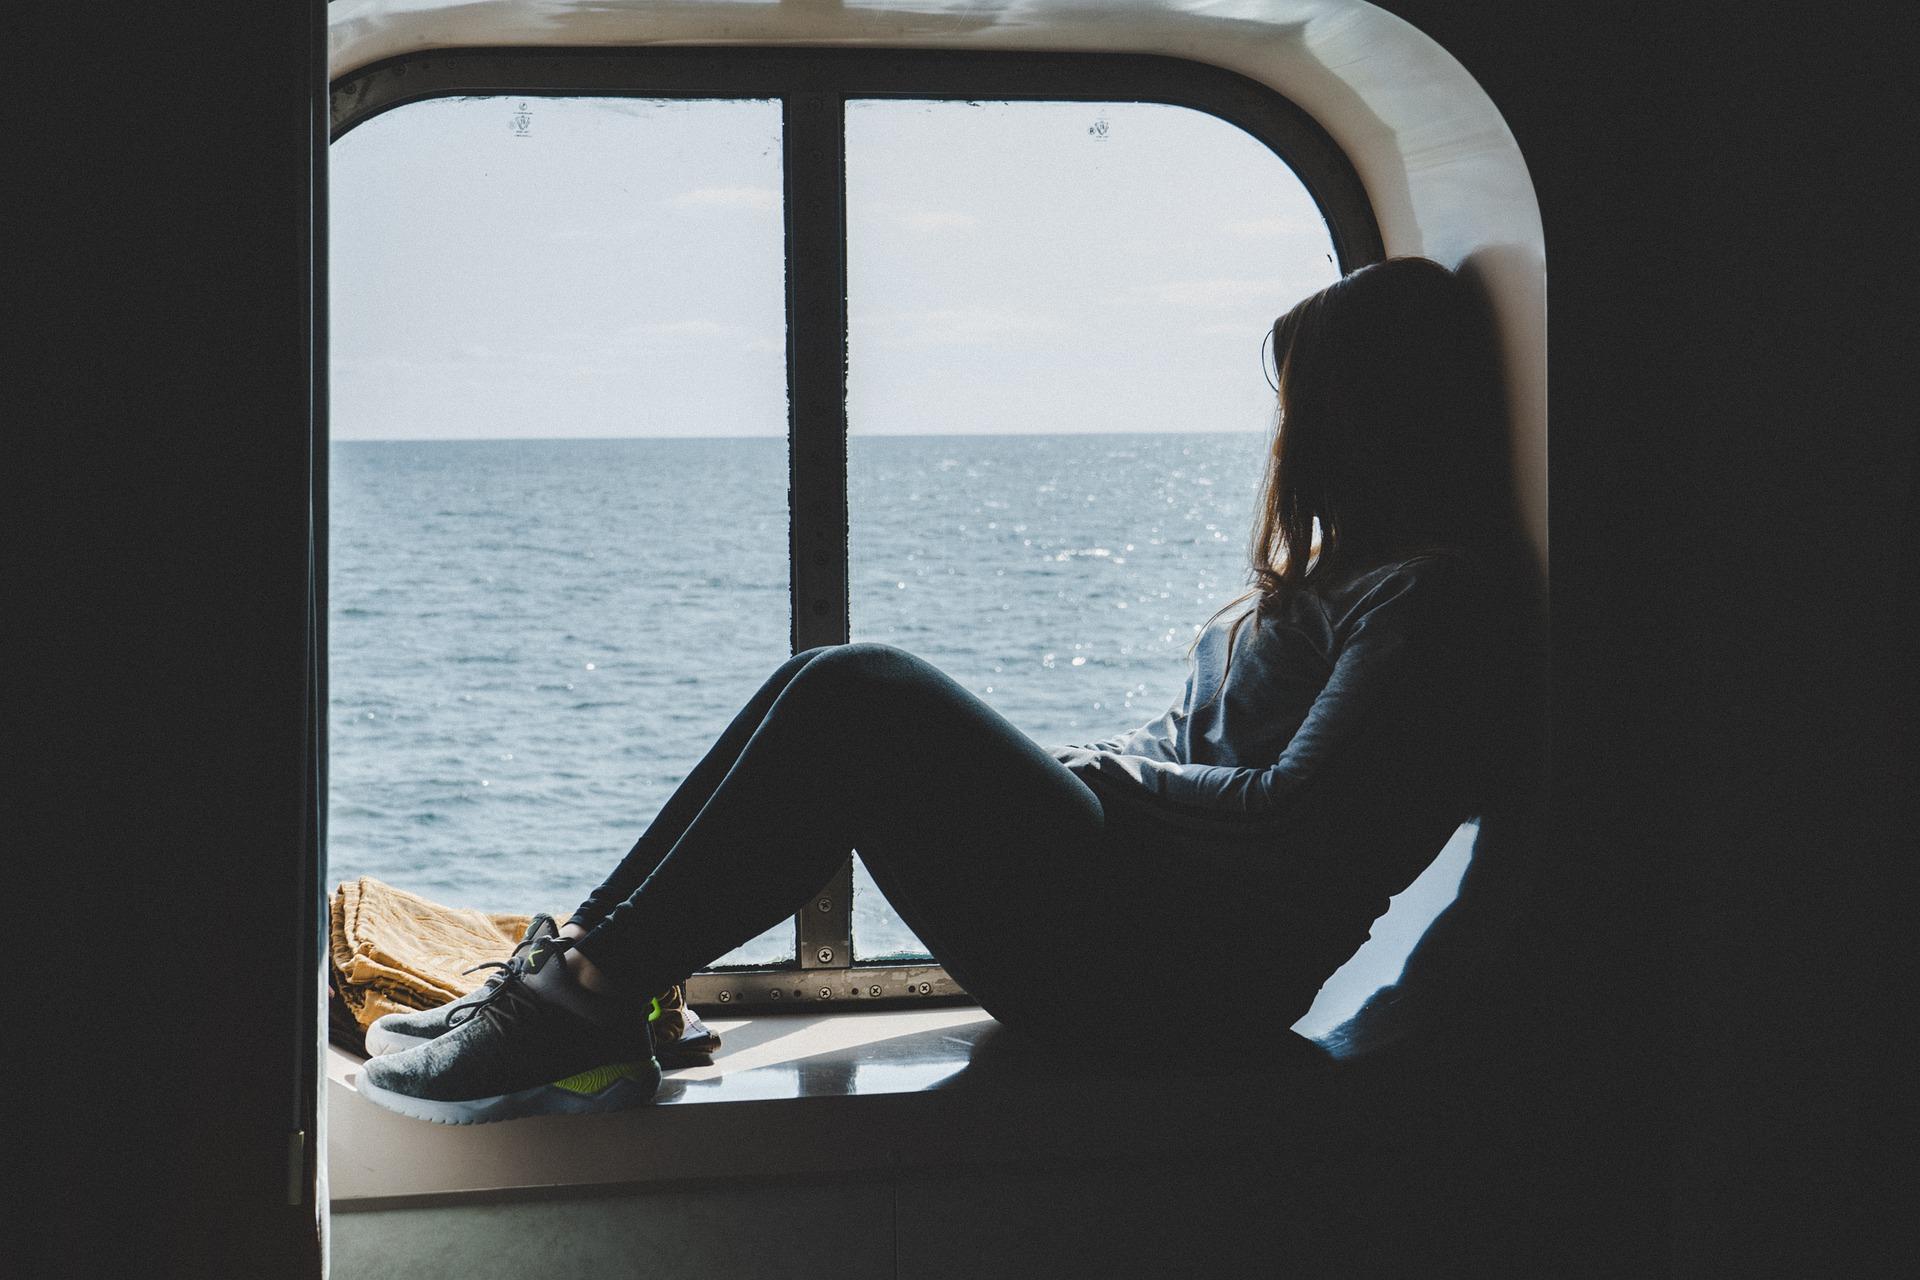 medische zorg cruise